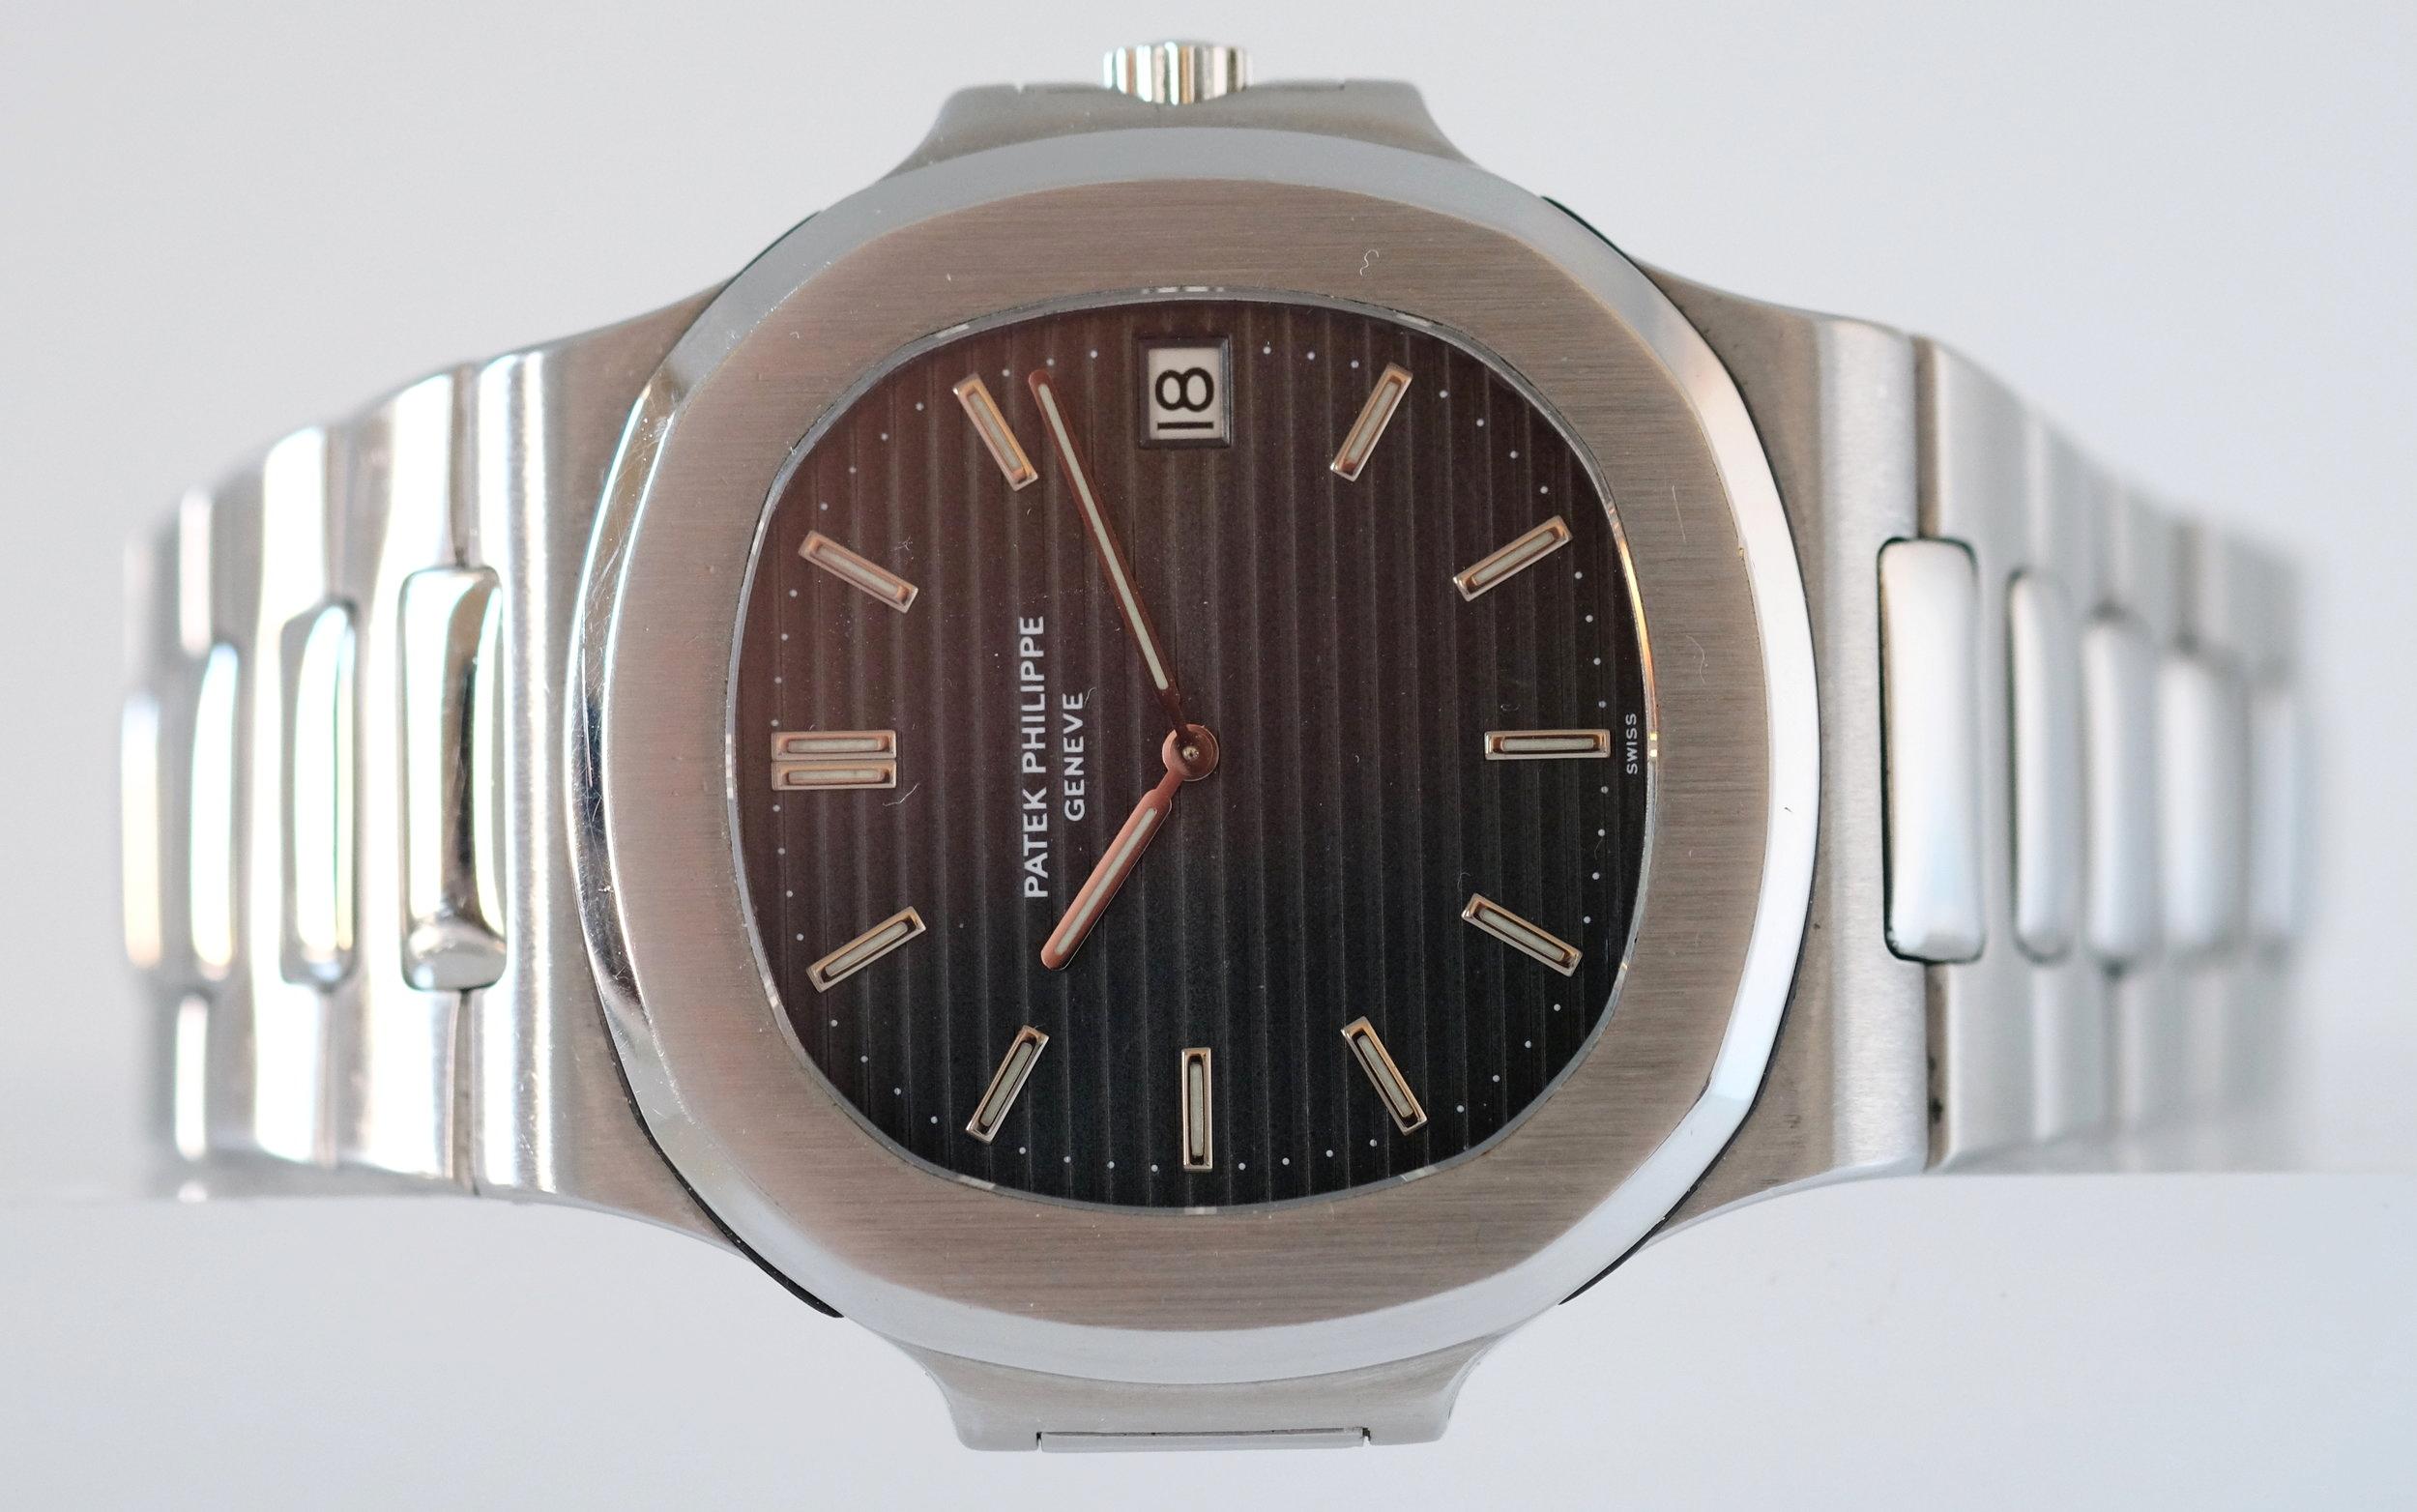 Patek Philippe Nautilus Ref. 3700/1   SOLD